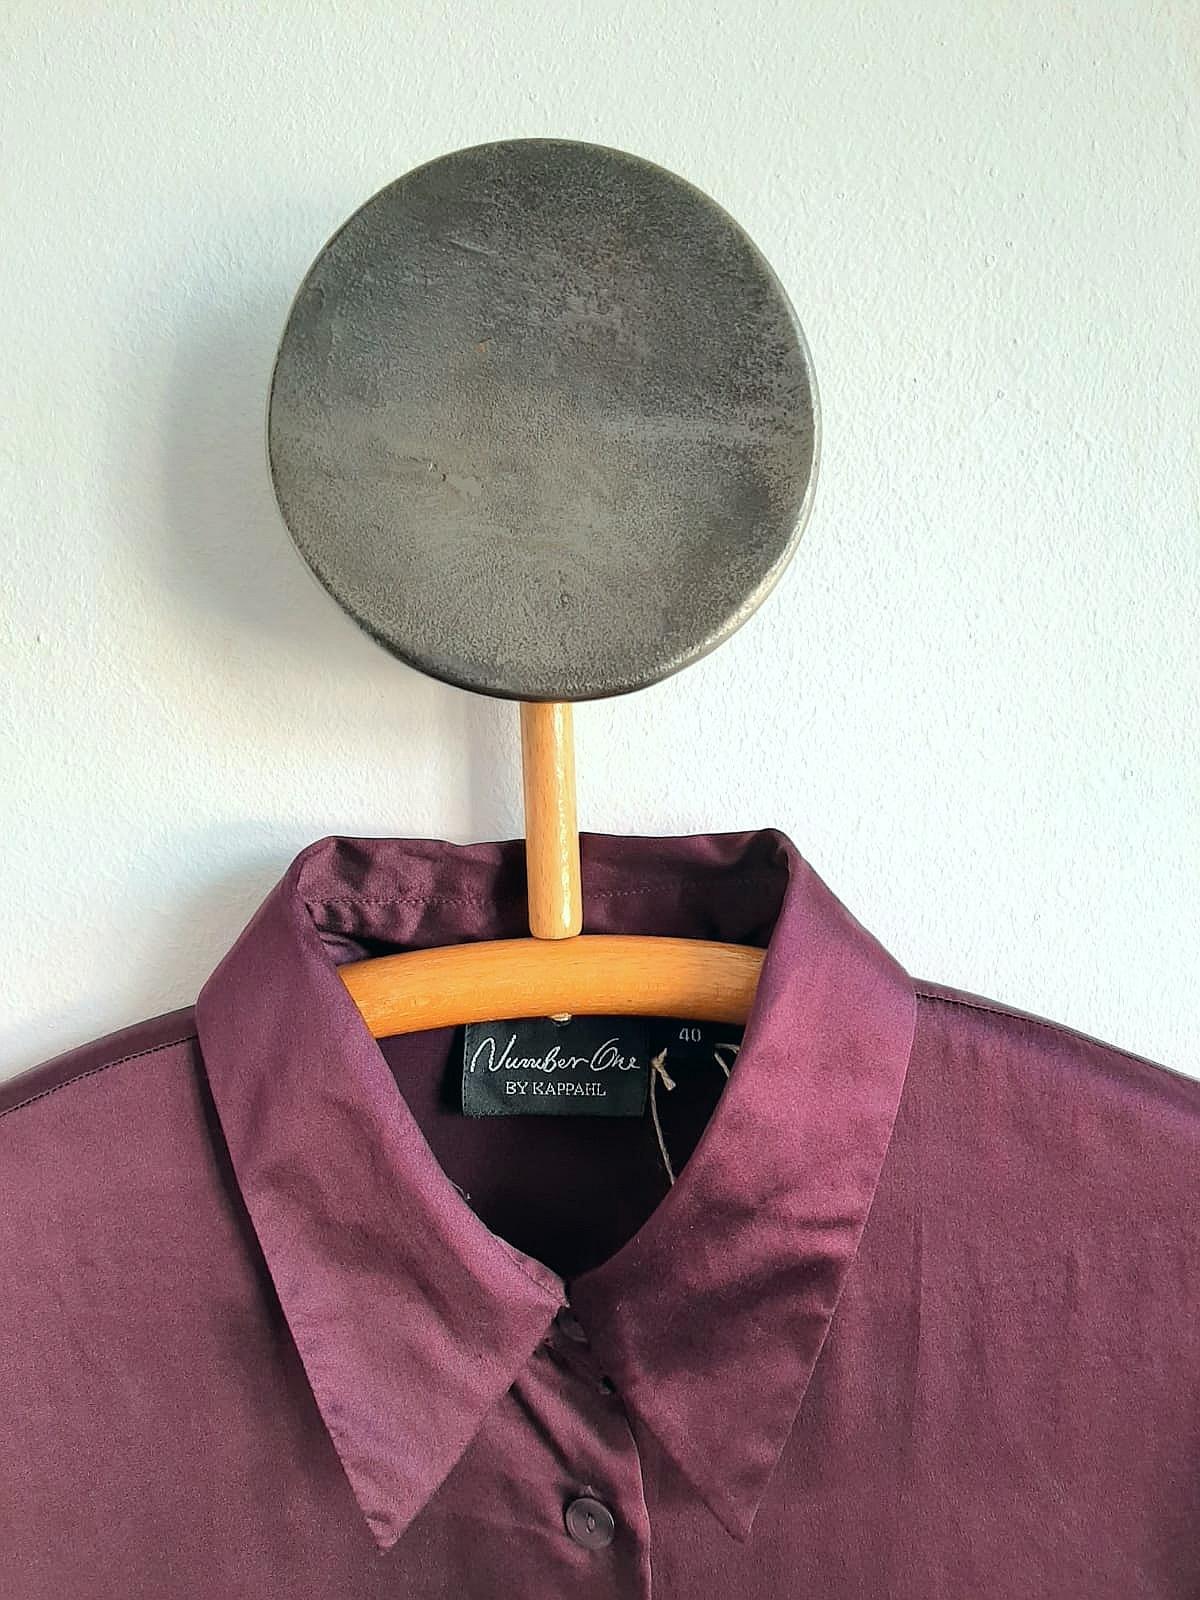 Jedwabna koszula w kolorze dojrzałej śliwki - PONOŚ SE vintage shop | JestemSlow.pl